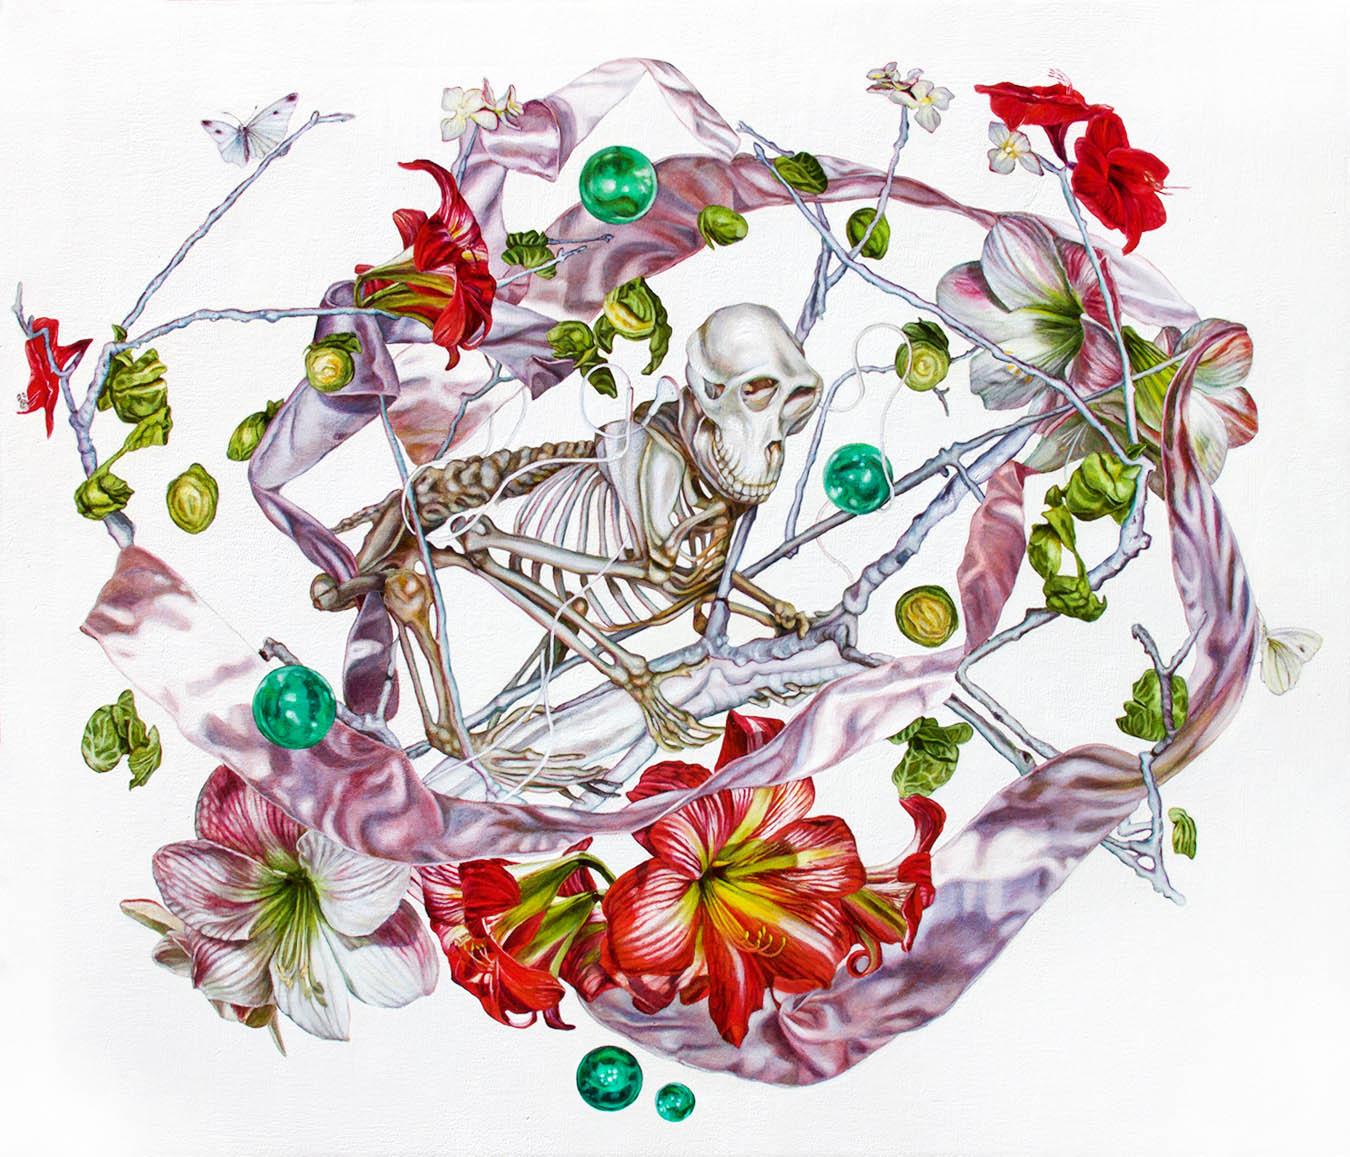 Szkielet małpy z kwiatami Amarylisu, z serii Drzewo Życia, 2018